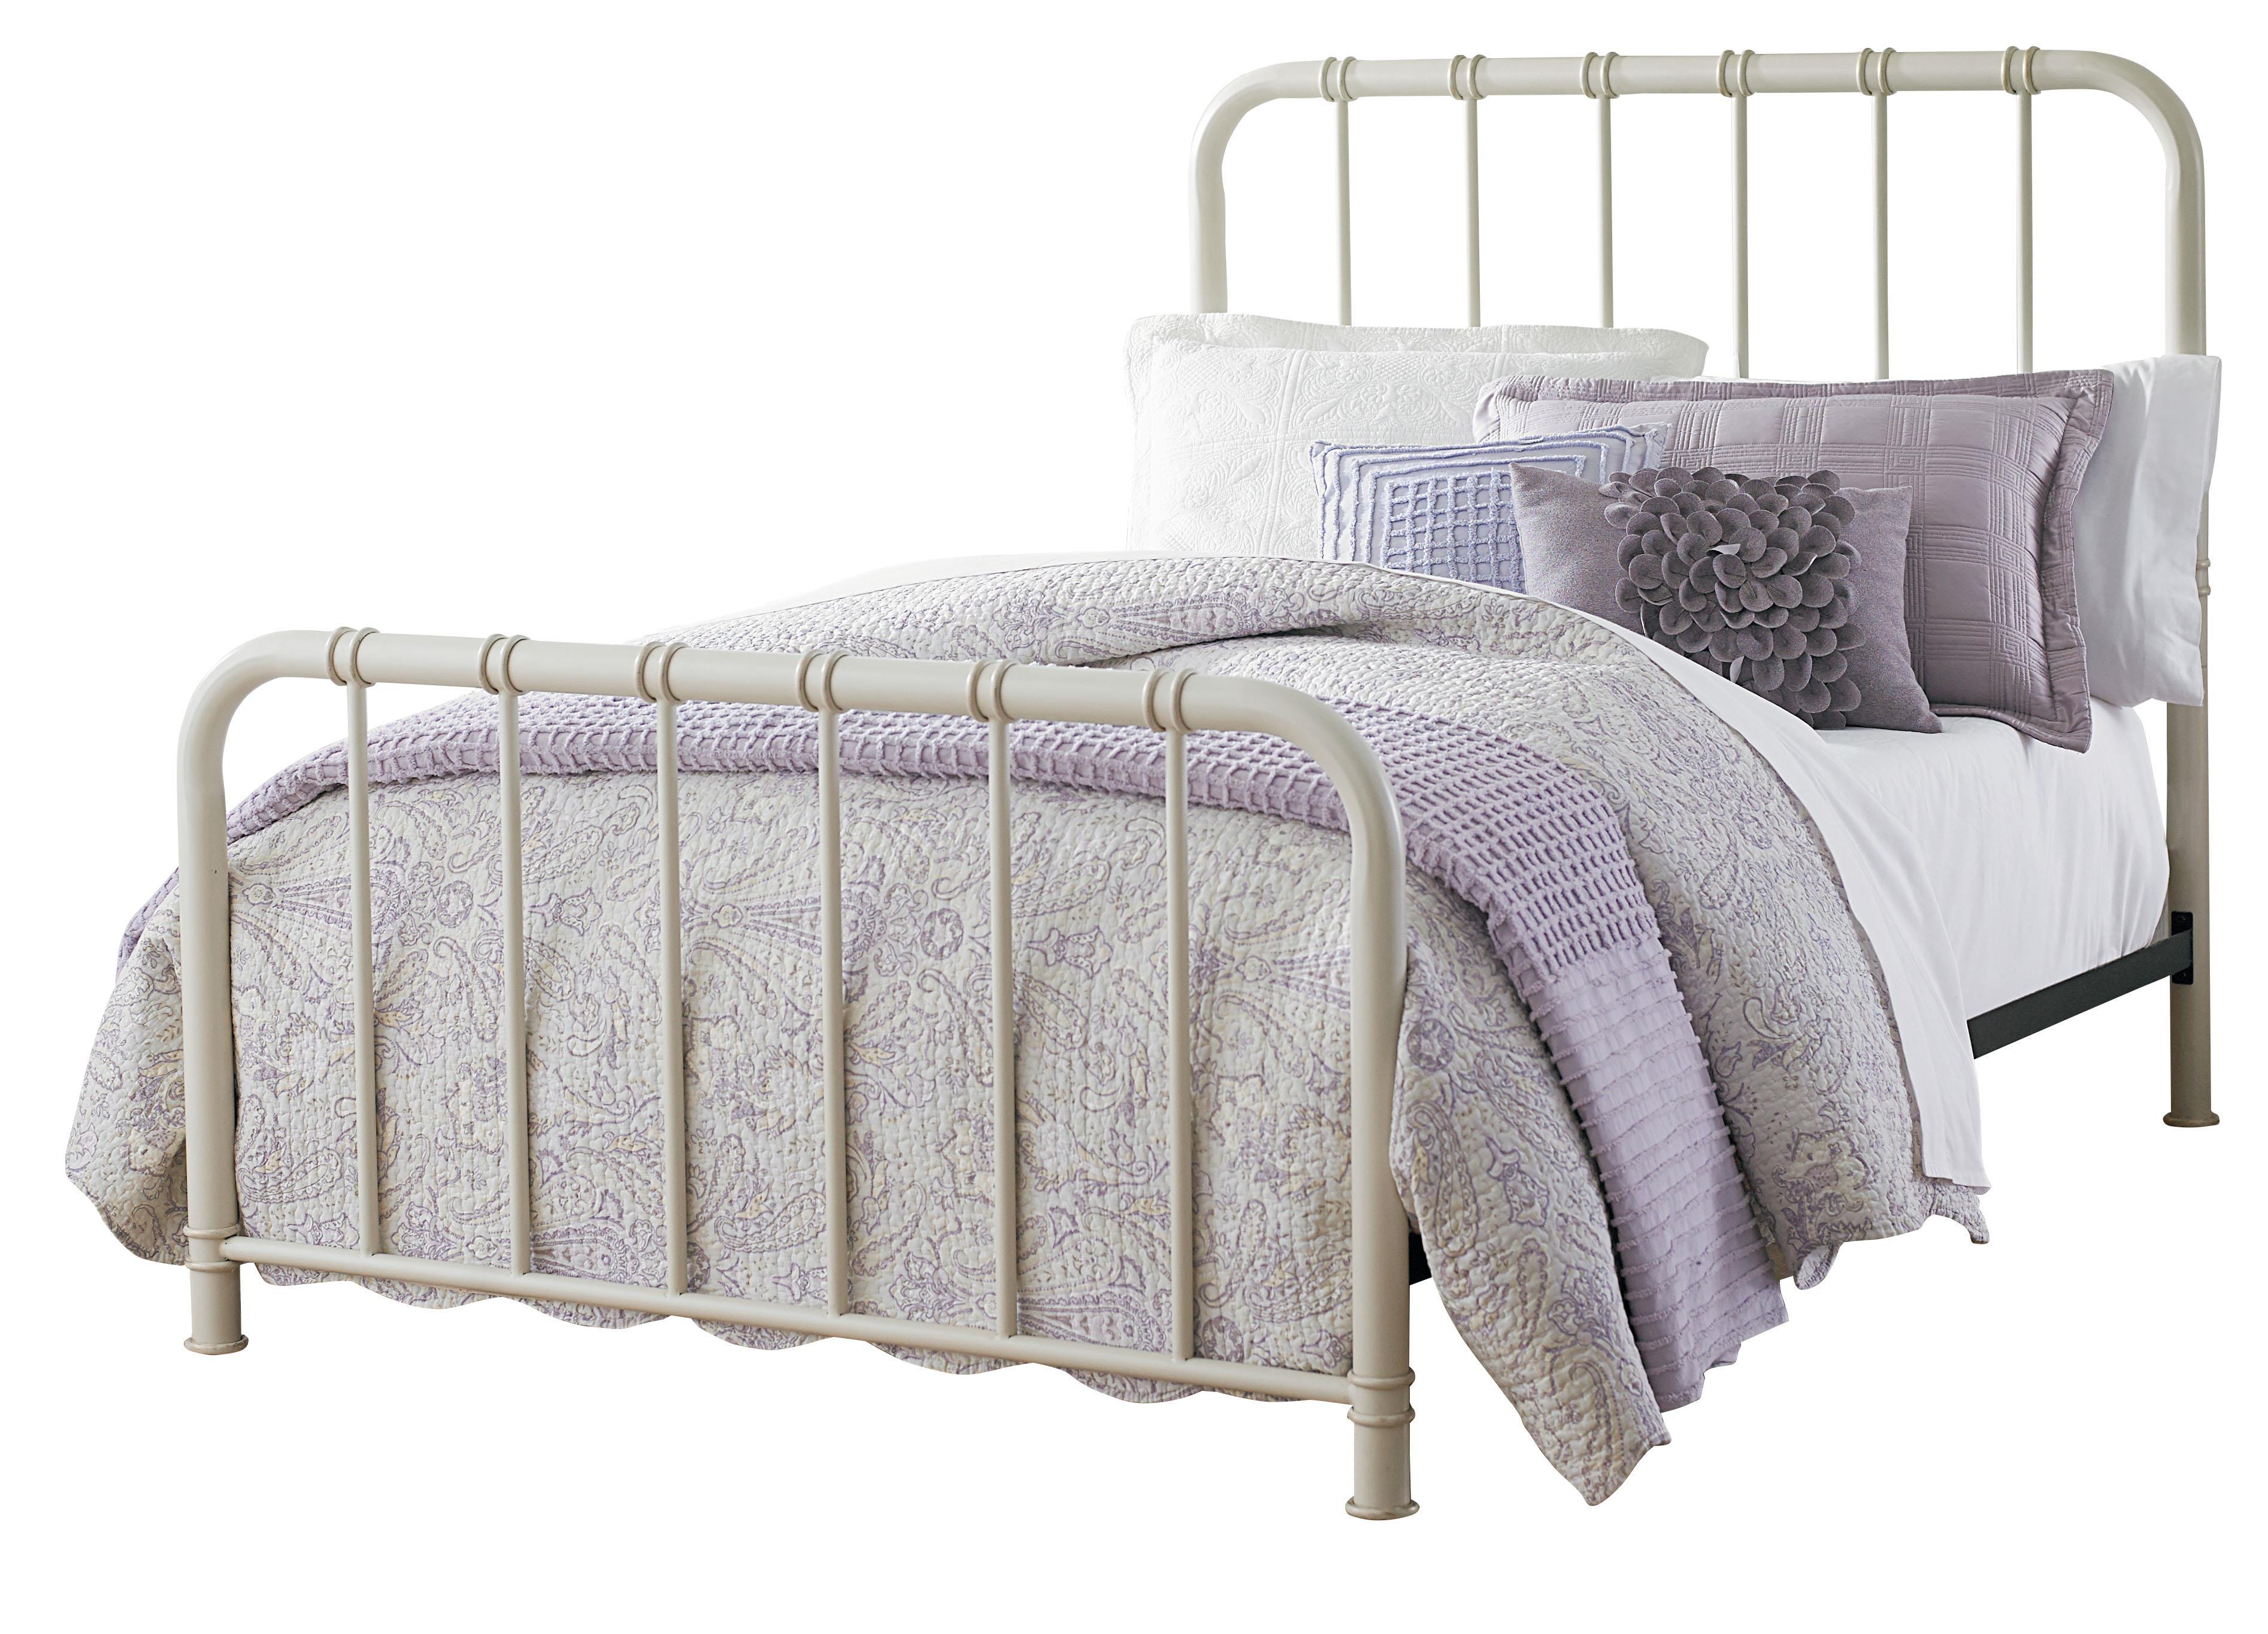 Standard Furniture Tristen Full Metal Bed - Item Number: 87561+62